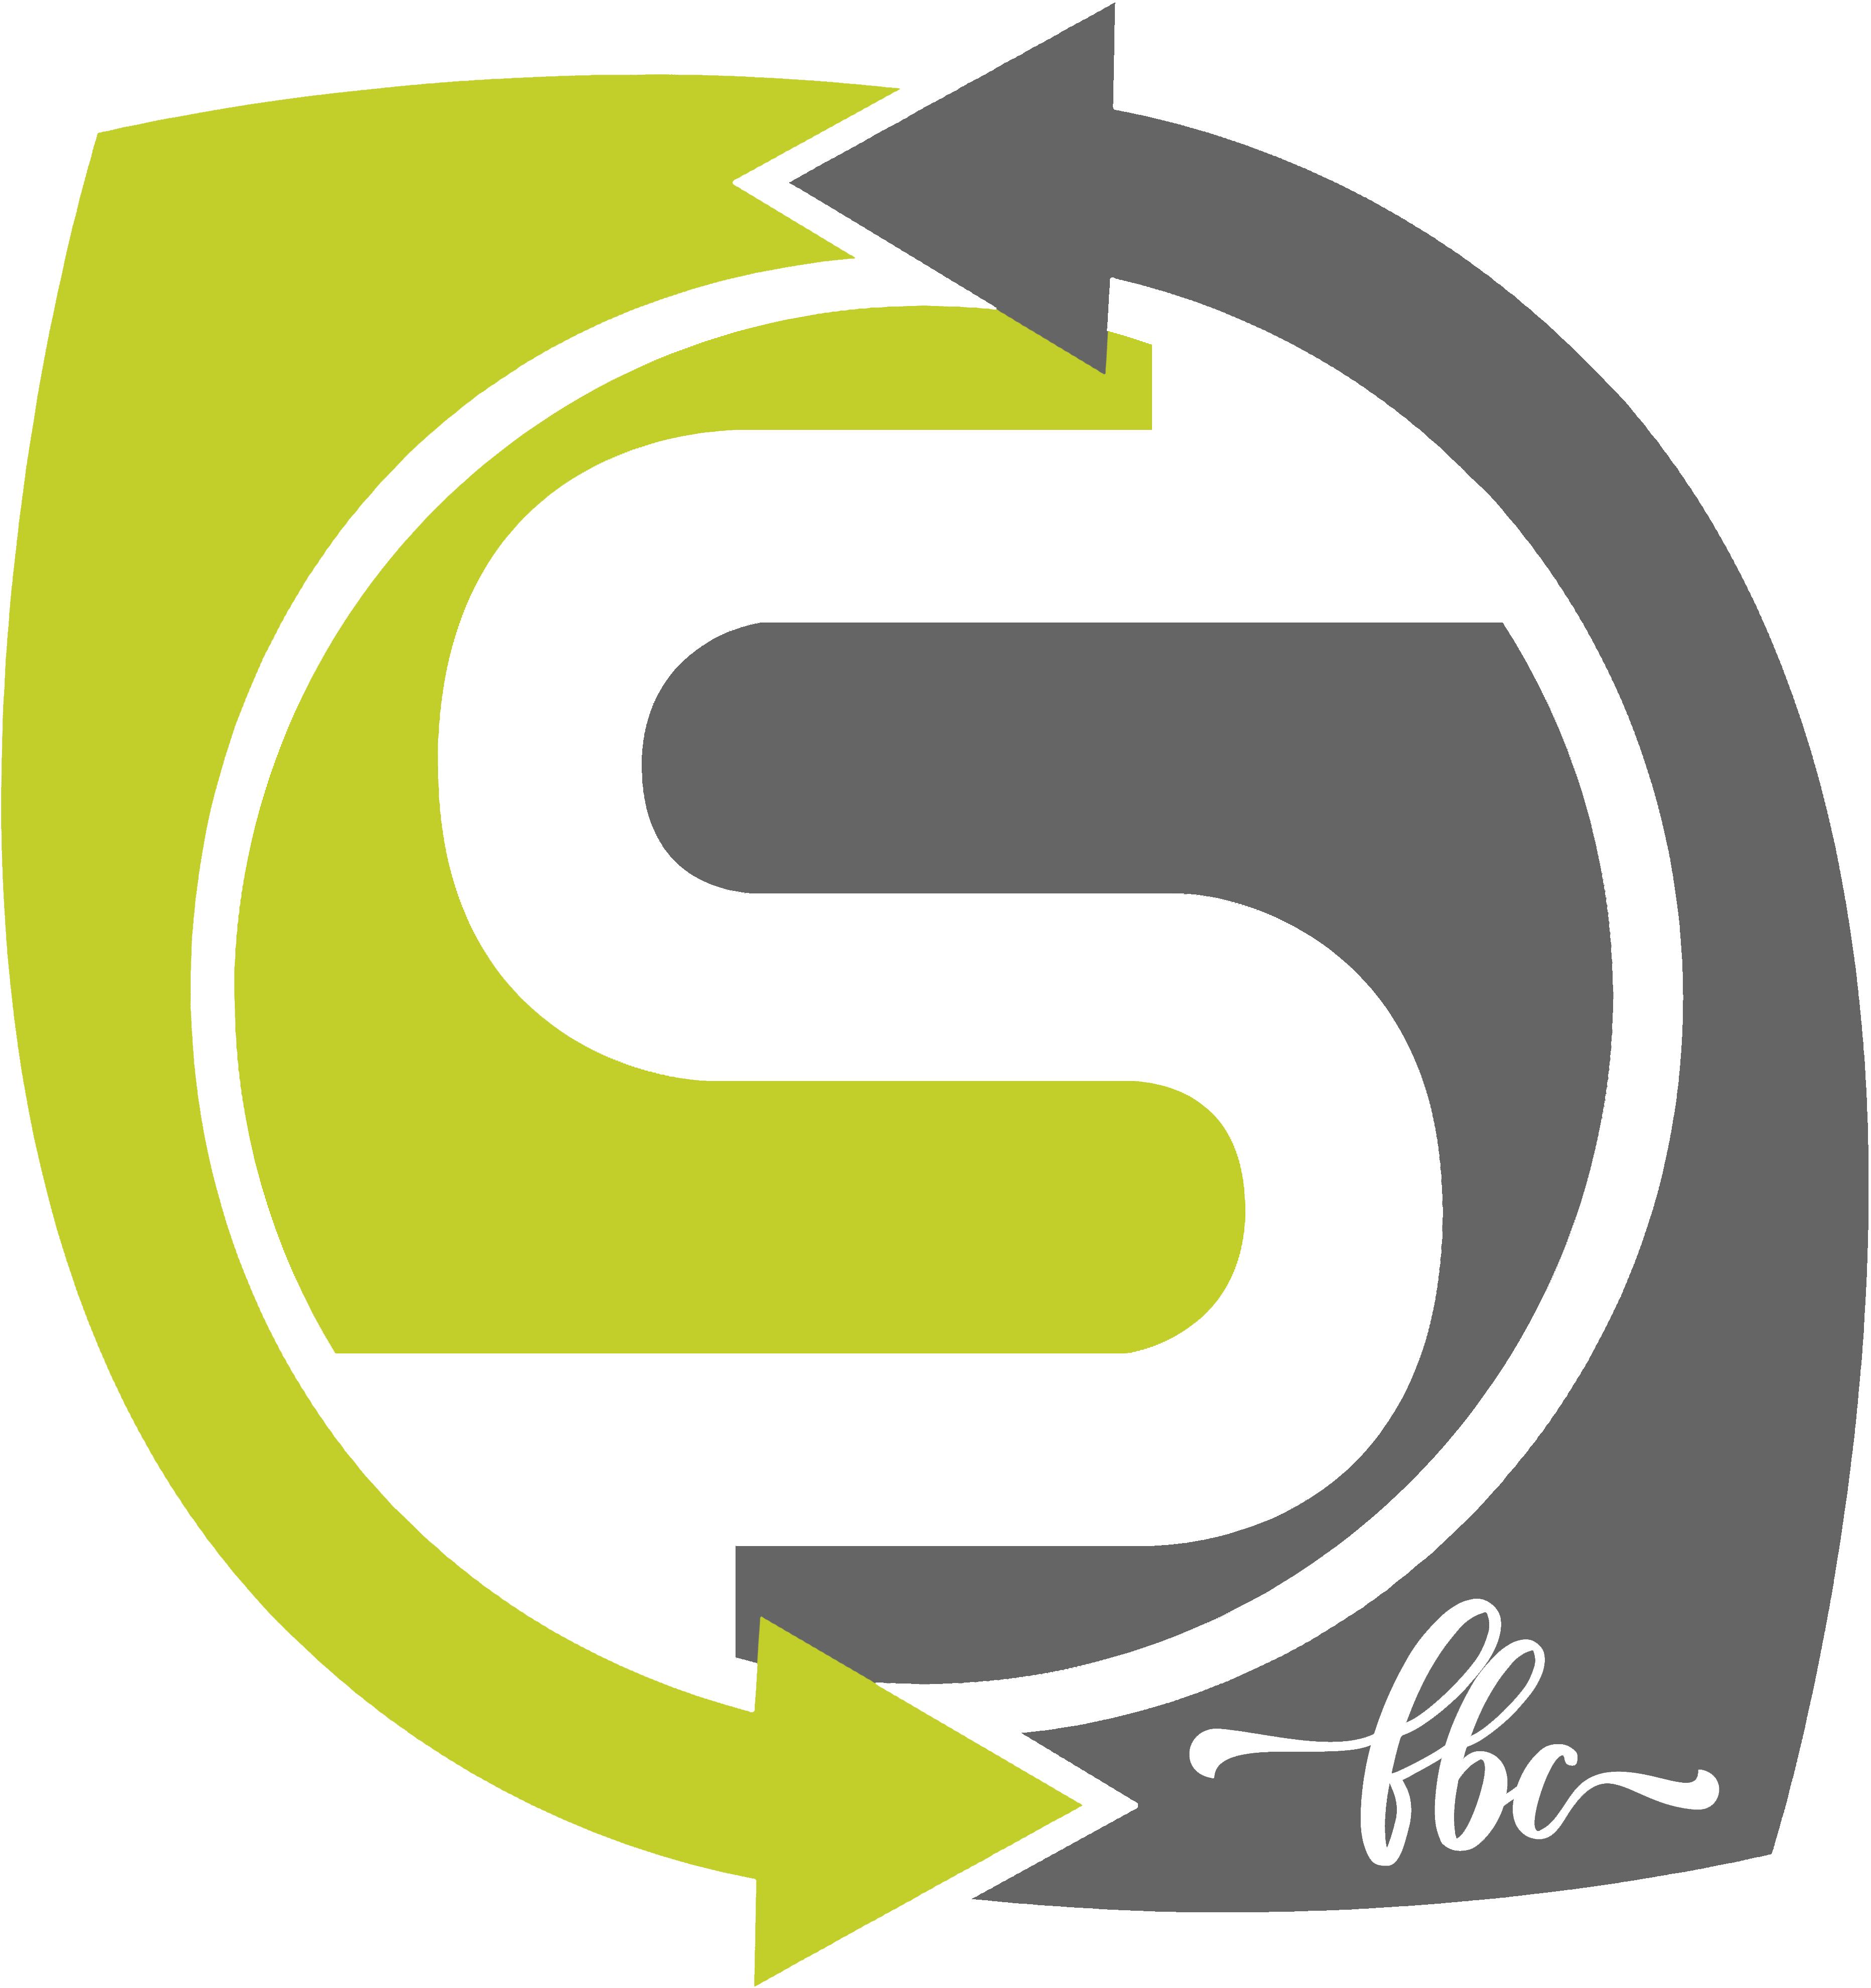 Fbcstudents logo2019 nowords original